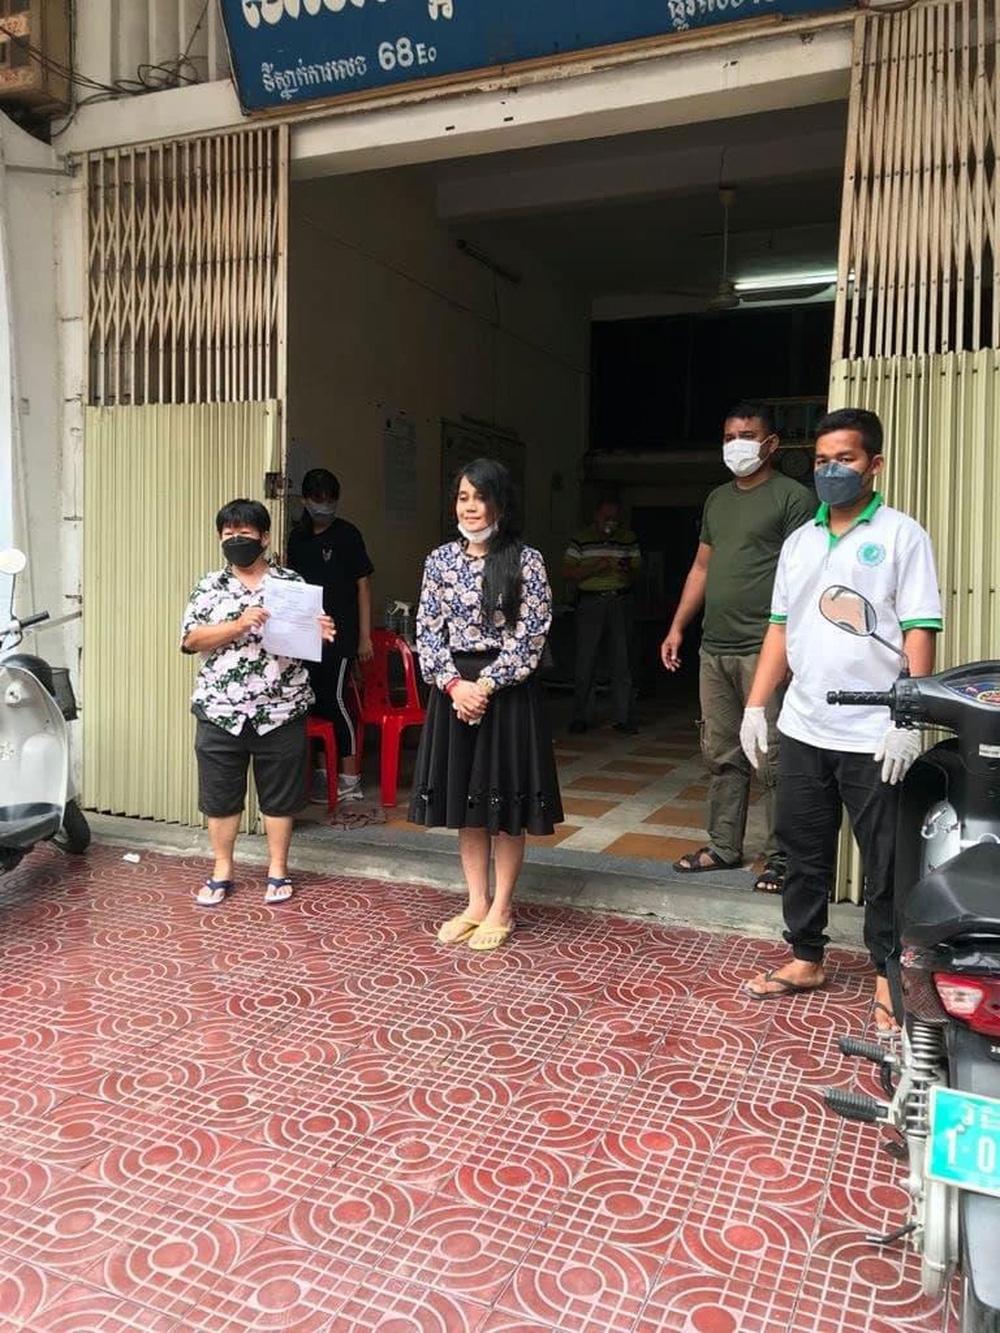 Cái kết của người làm chuyện động trời, bị ông Hun Sen nắn gân trực tiếp giữa bàn dân thiên hạ - Ảnh 2.